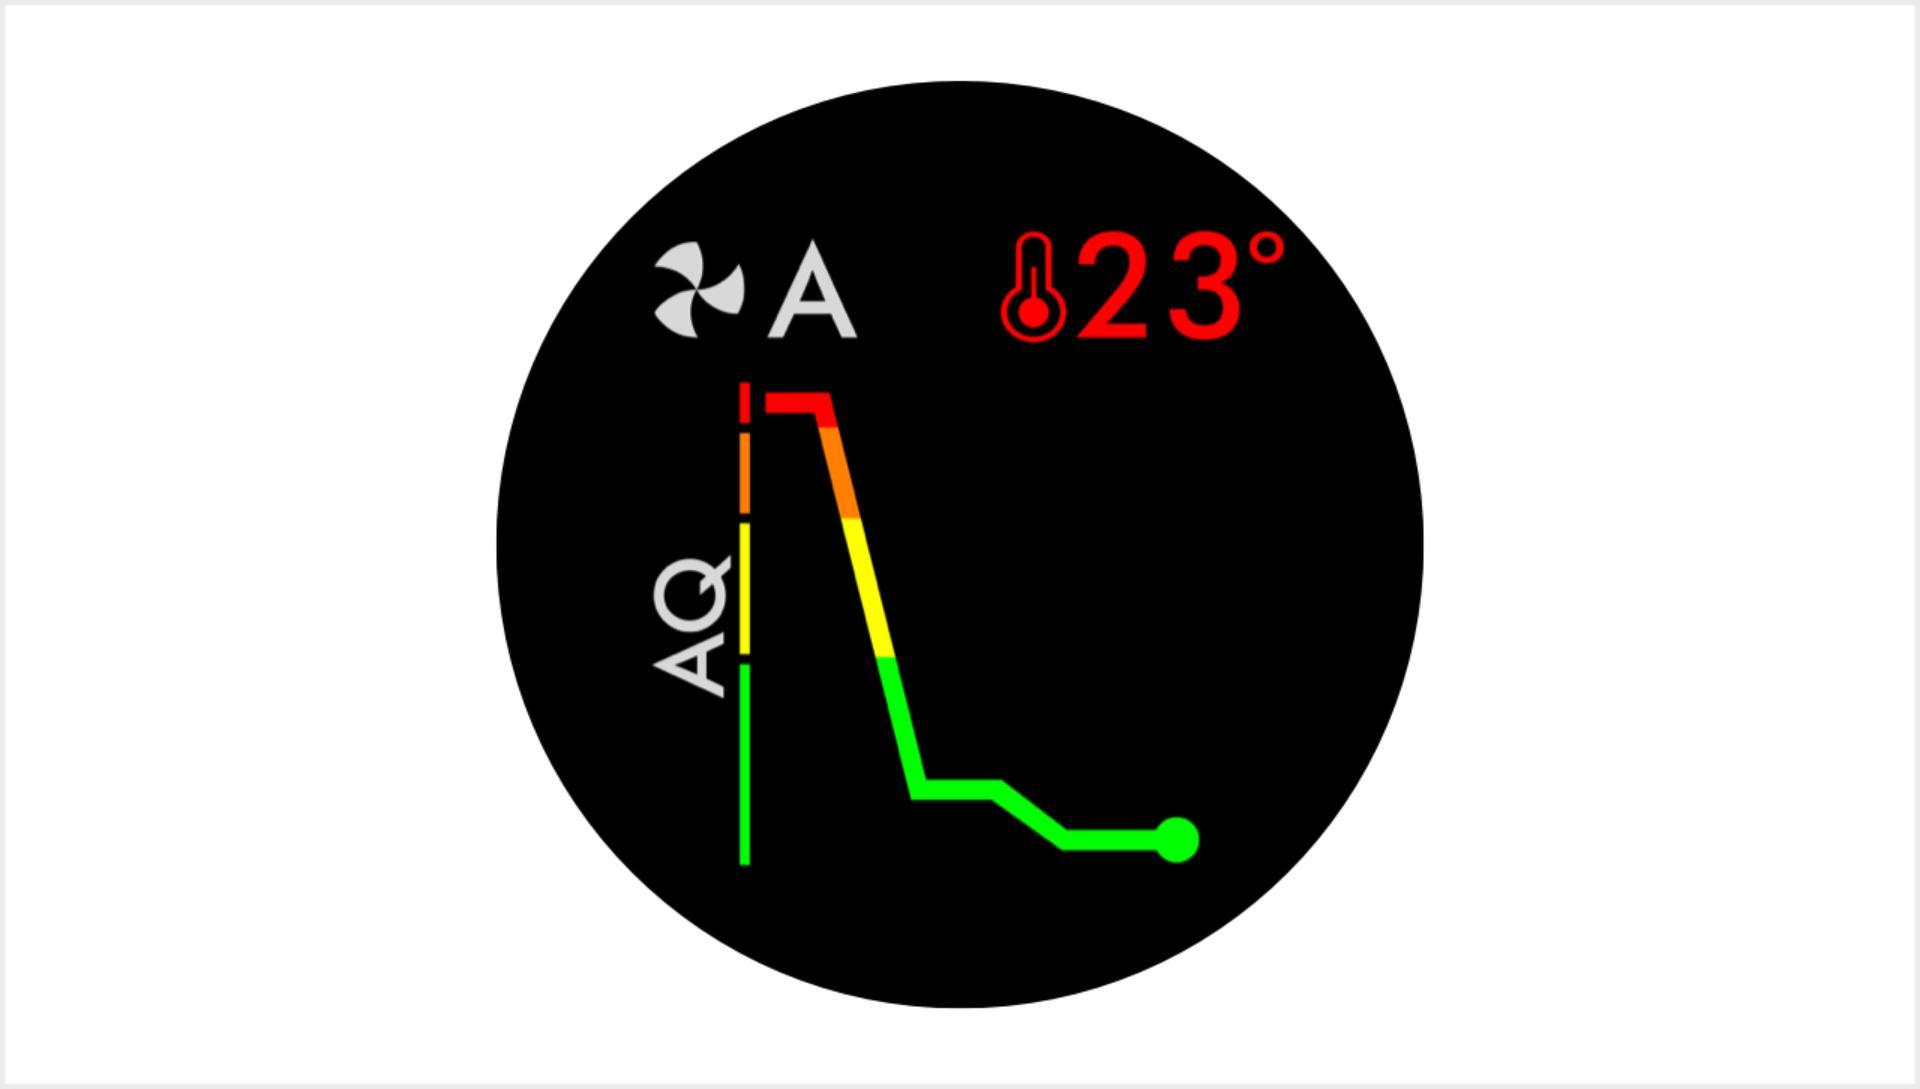 Các chỉ số trên quạt không cánh Dyson cho ta biết điều gì?